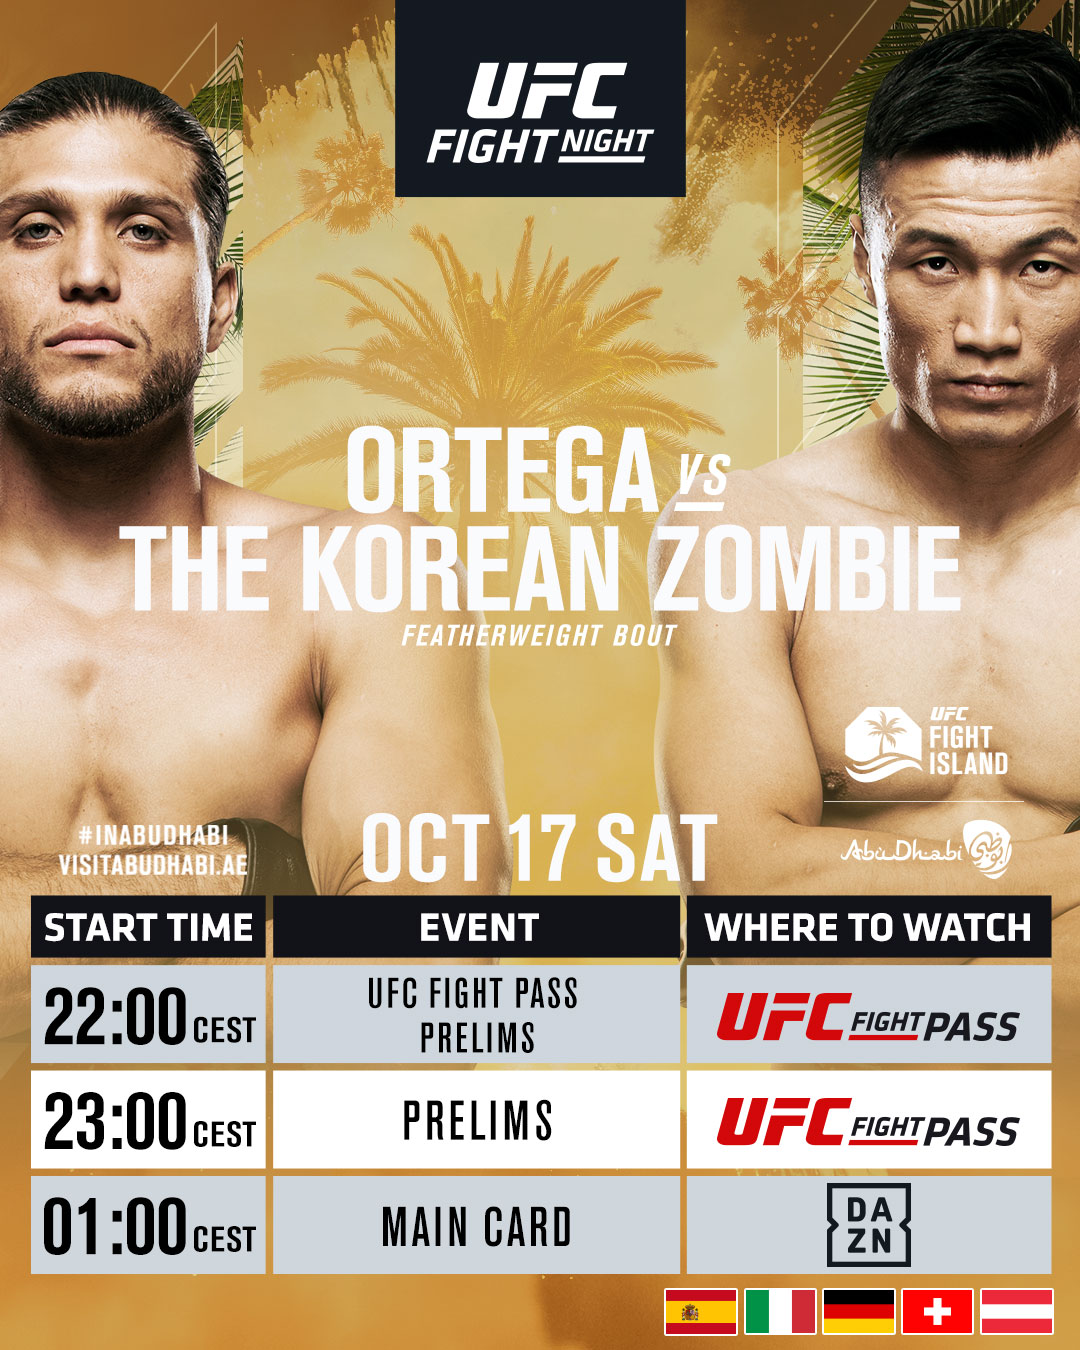 Ortega vs Korean Zombie Livestream